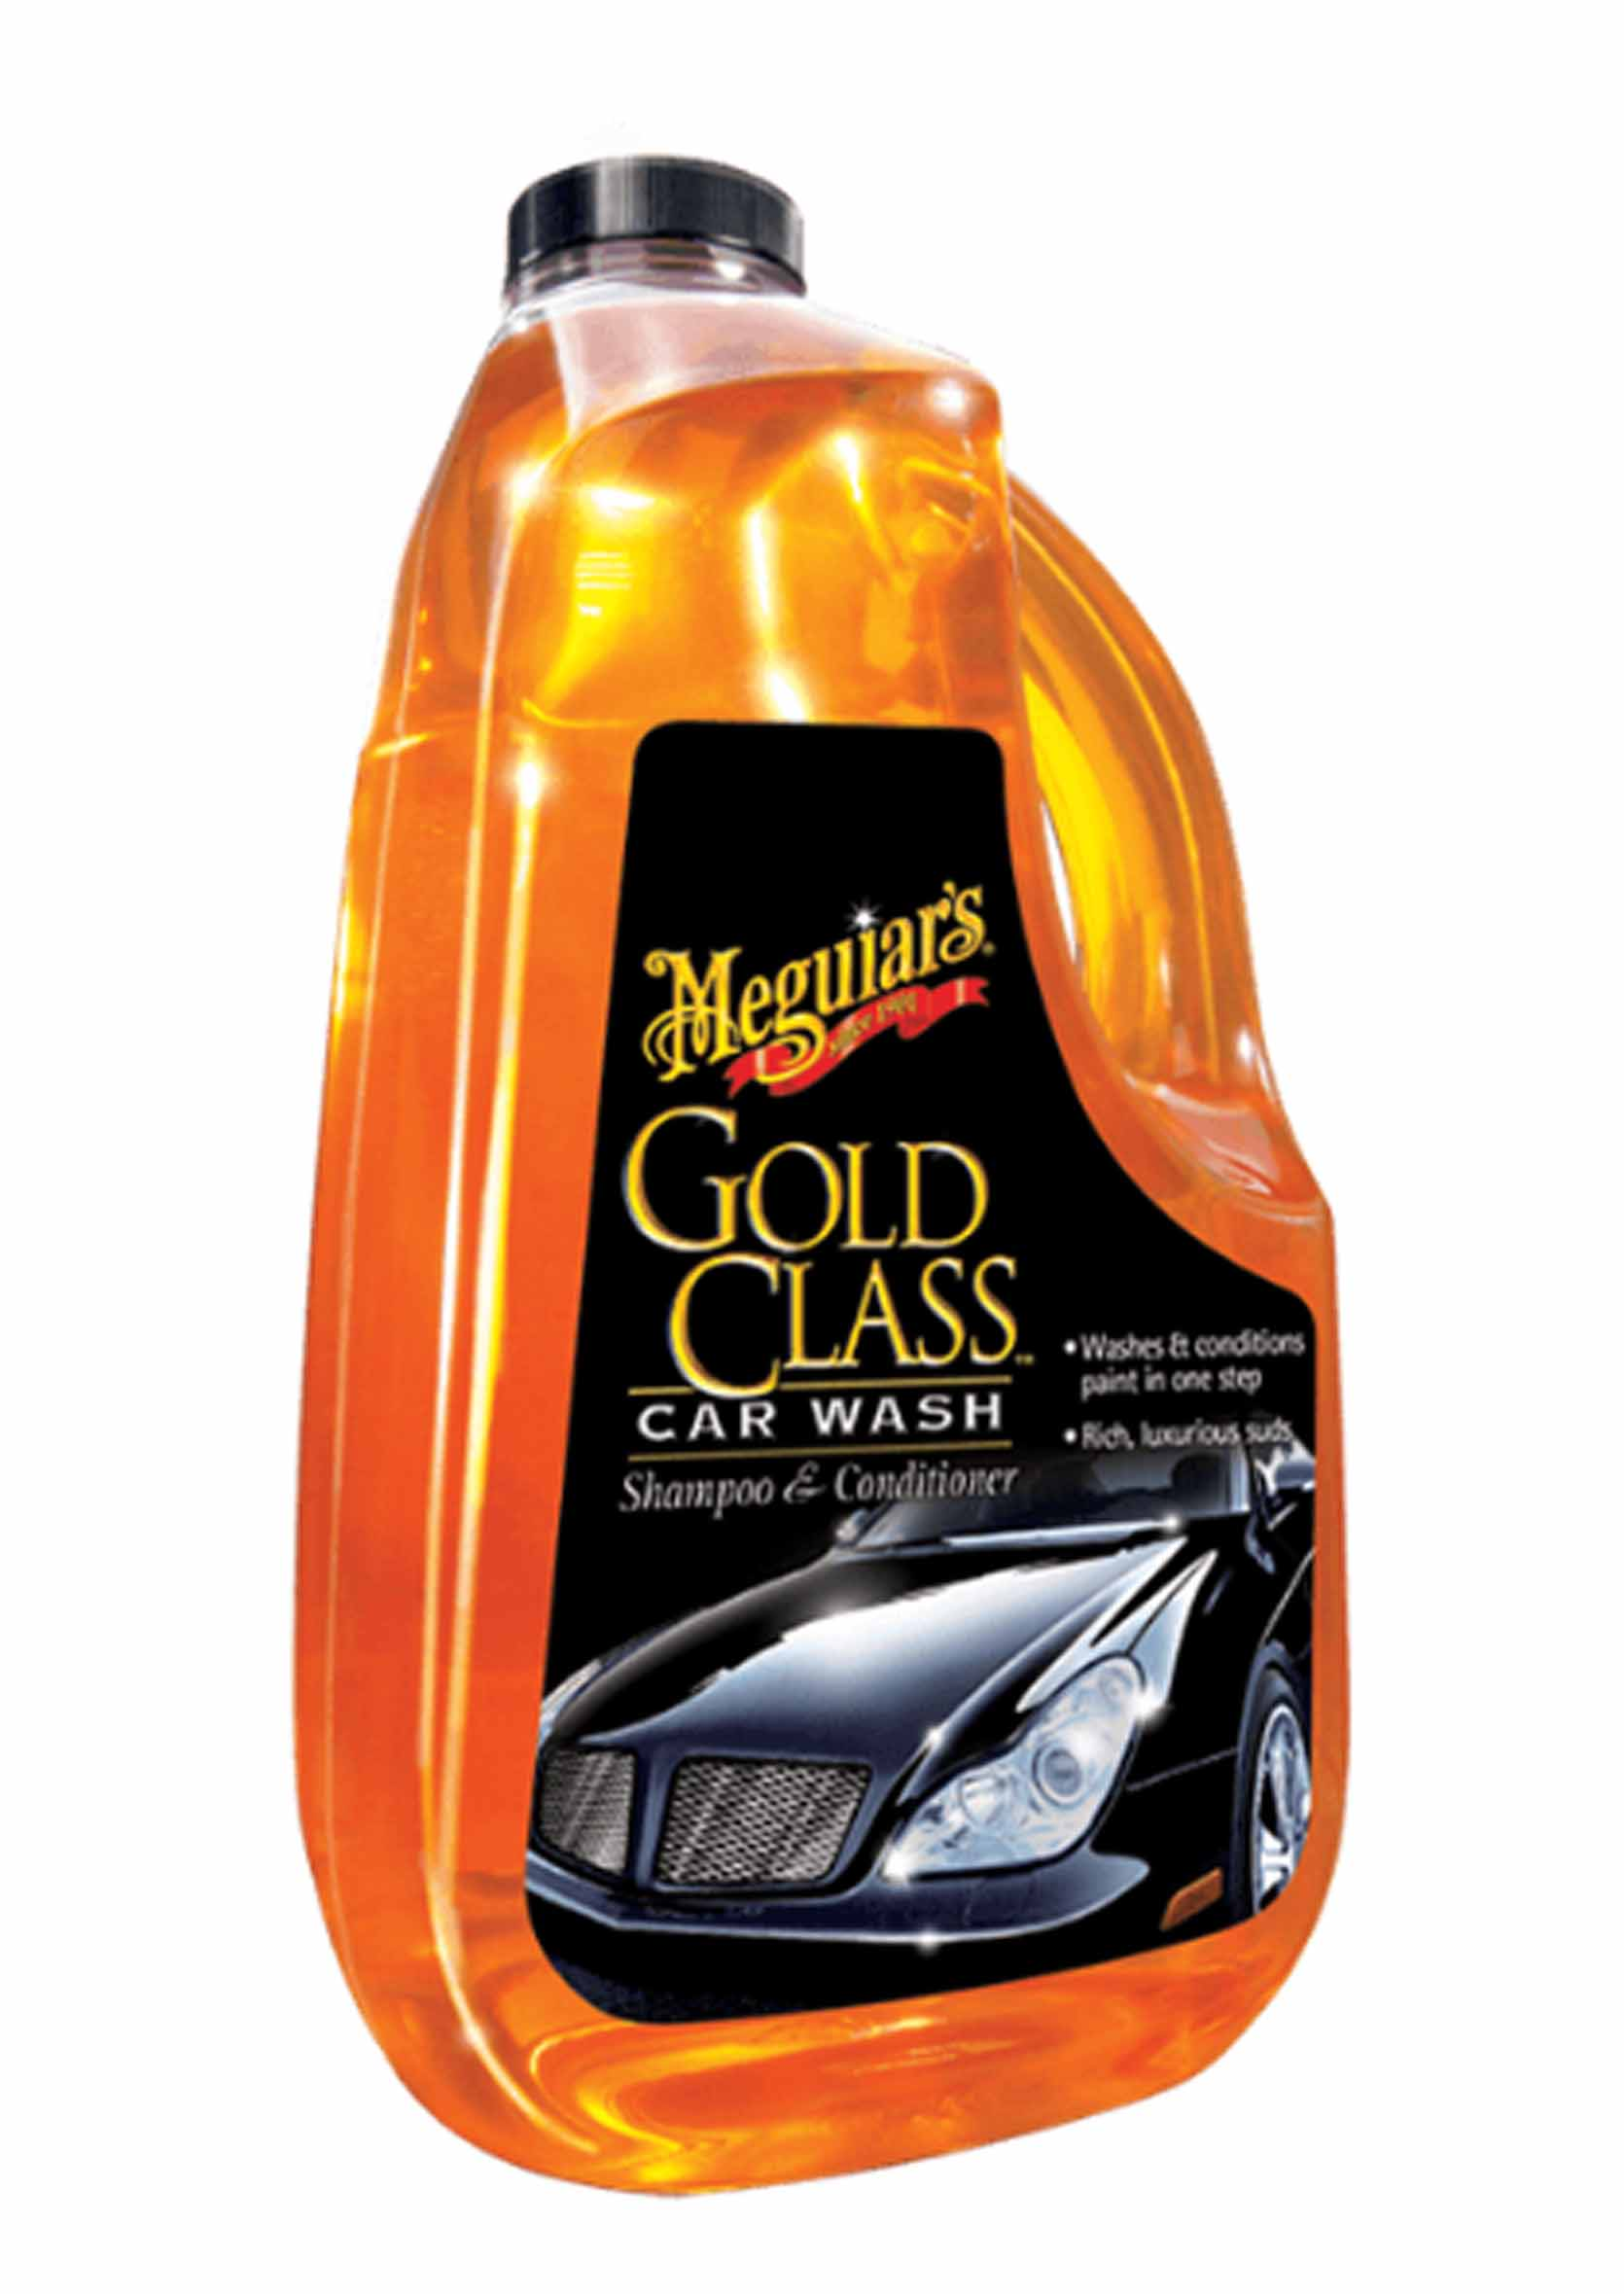 Meguiars Gold Class Car Wax Szampon z Odżywką do Mycia Samochodów 1.89L